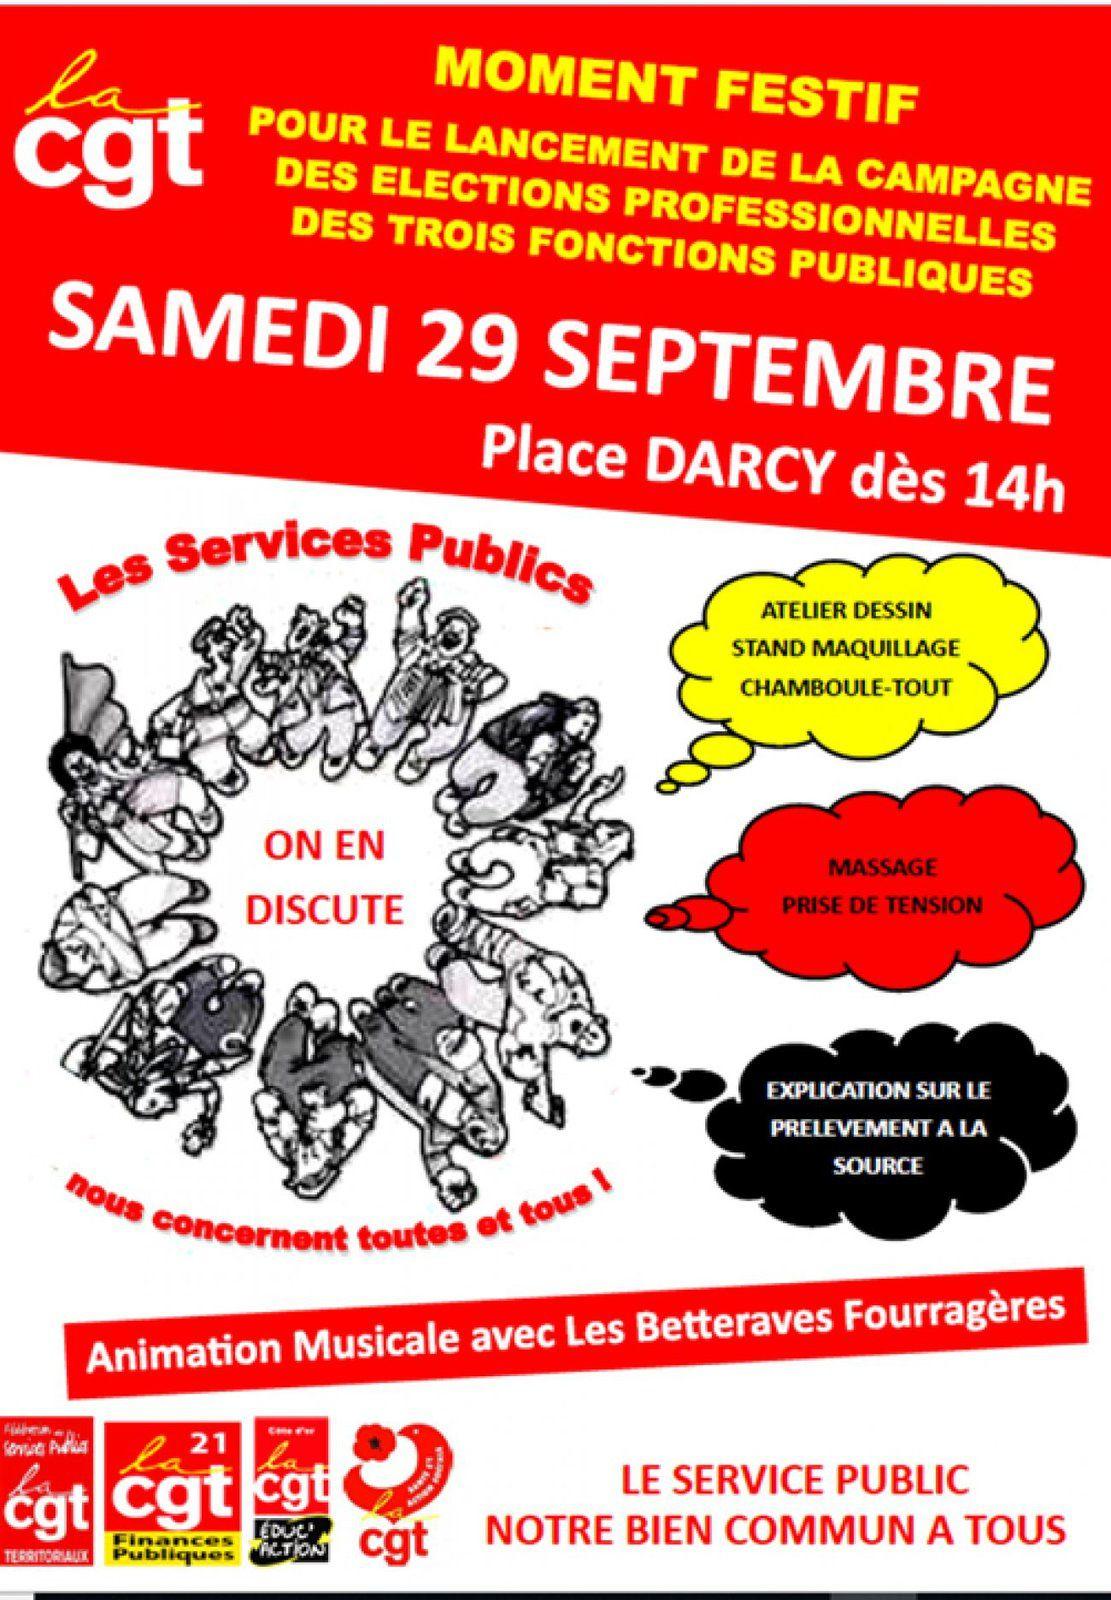 aa913d3e8ae Communiqué de la CGT Côte-d Or   Les élections professionnelles dans les 3 Fonctions  Publiques se tiendront ...